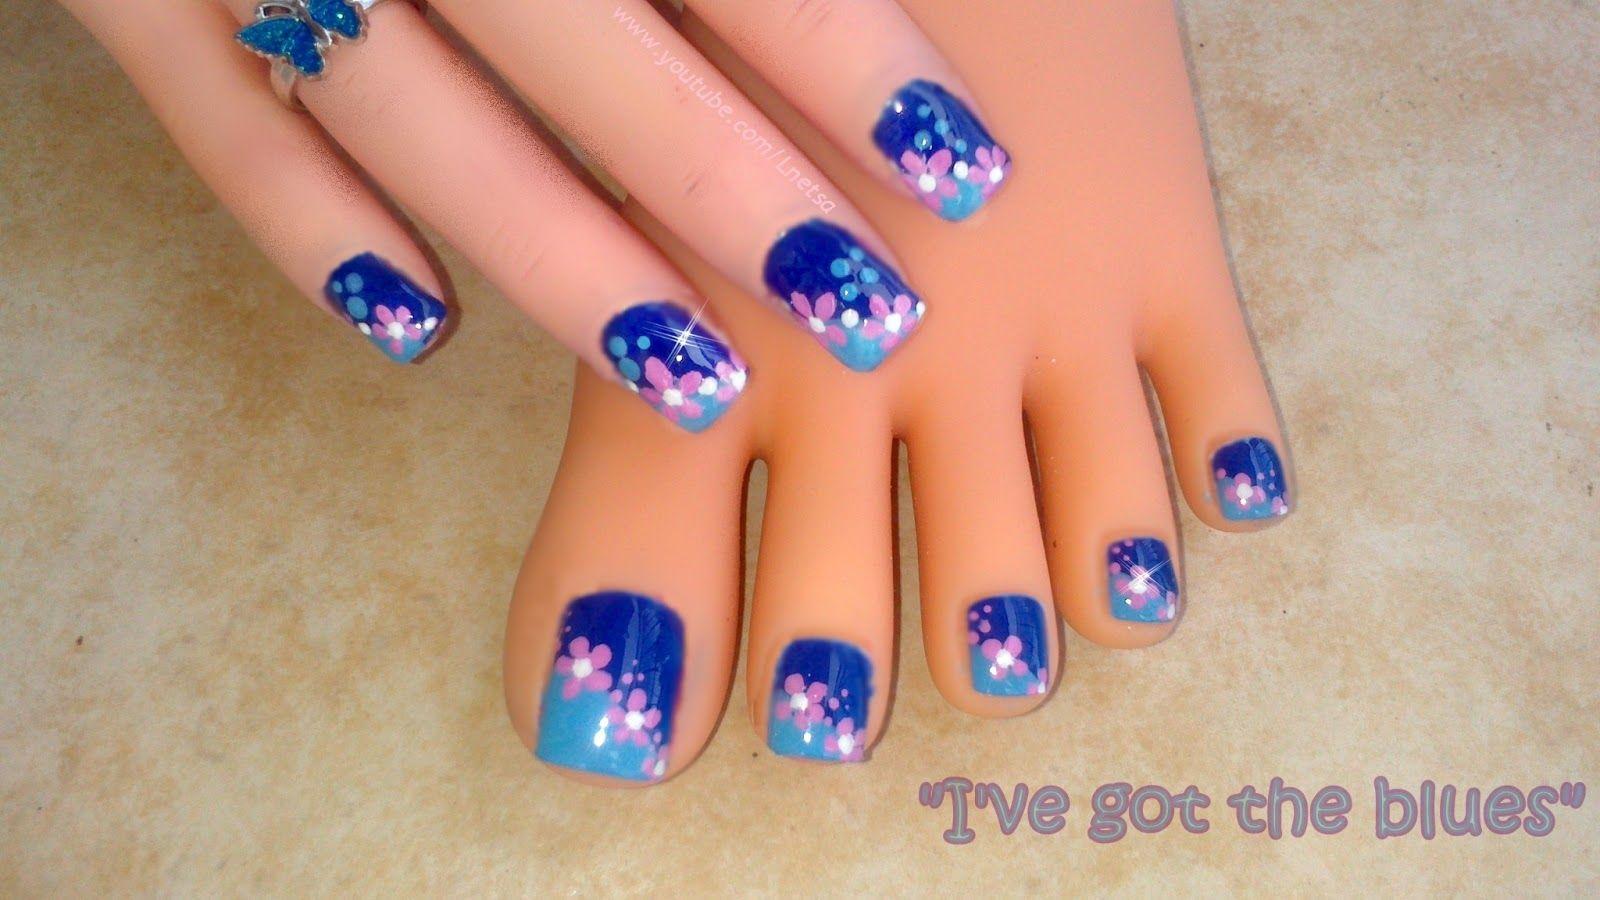 Fall+Toe+Nail+Designs | Toe Nail Designs | Nail | Pinterest | Toe ...